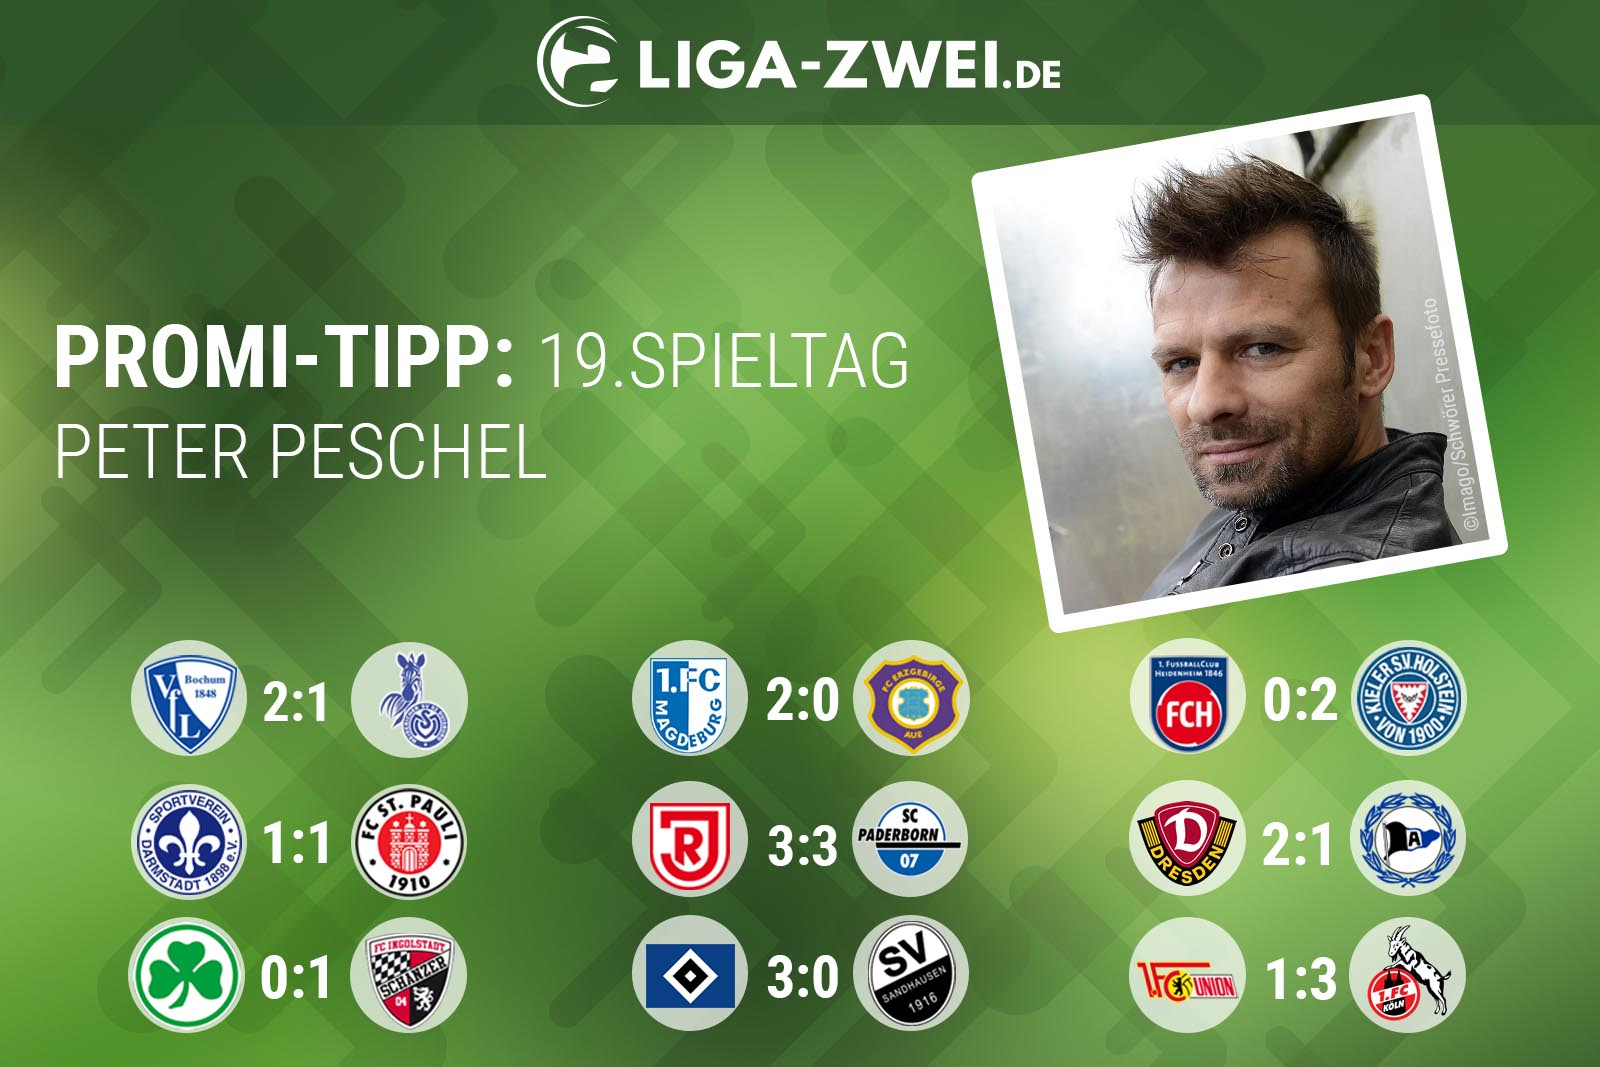 Peter Peschel beim Liga-Zwei.de Promi-Tipp